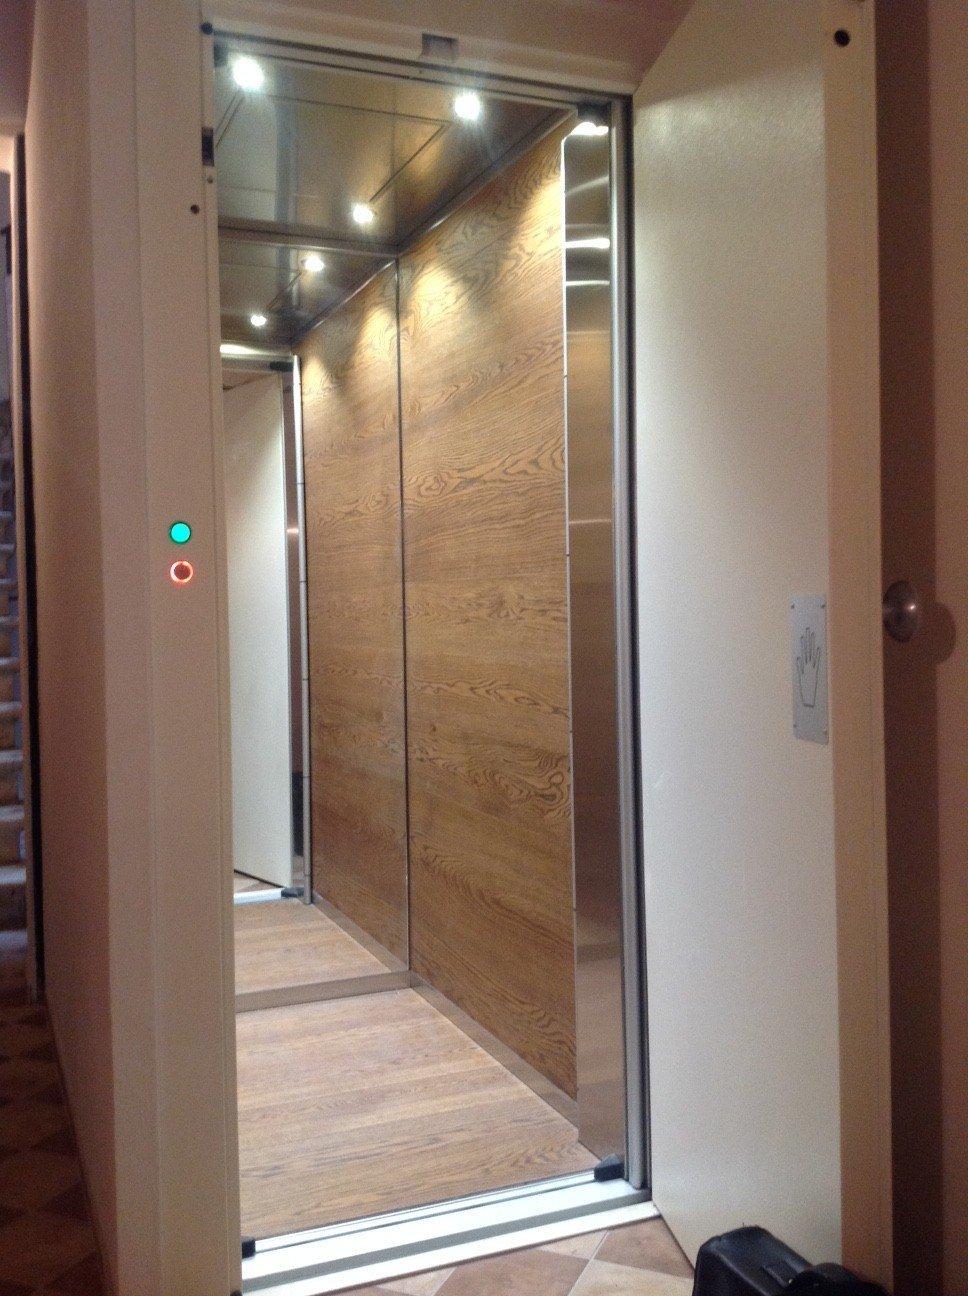 pulsante ascensore